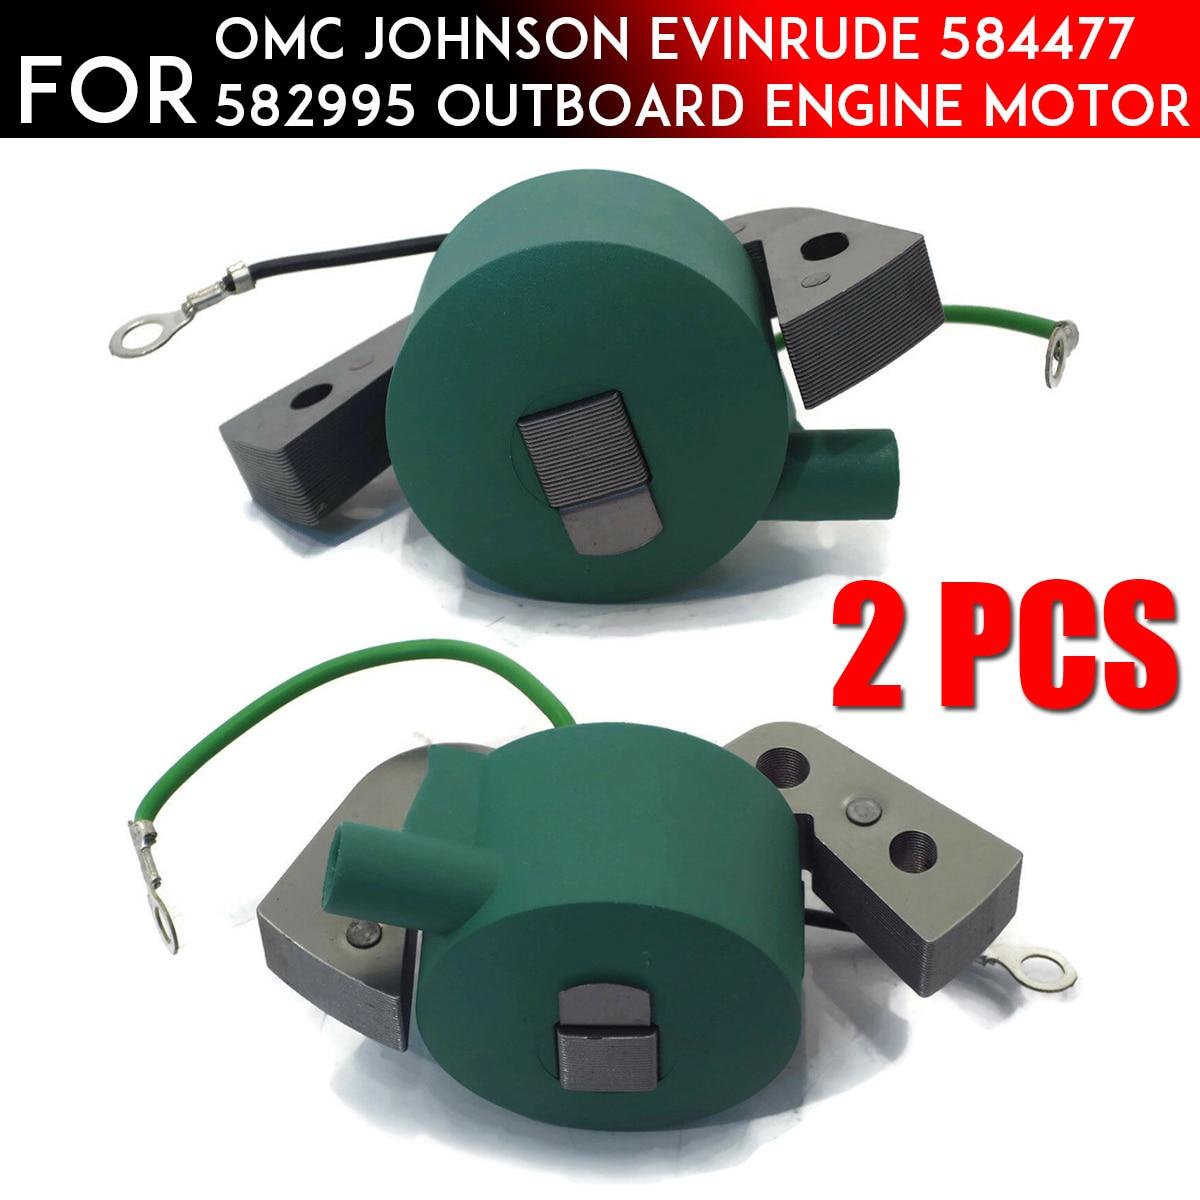 1/2 шт., катушка зажигания для подвесного двигателя Johnson evinгруб 580118 584477